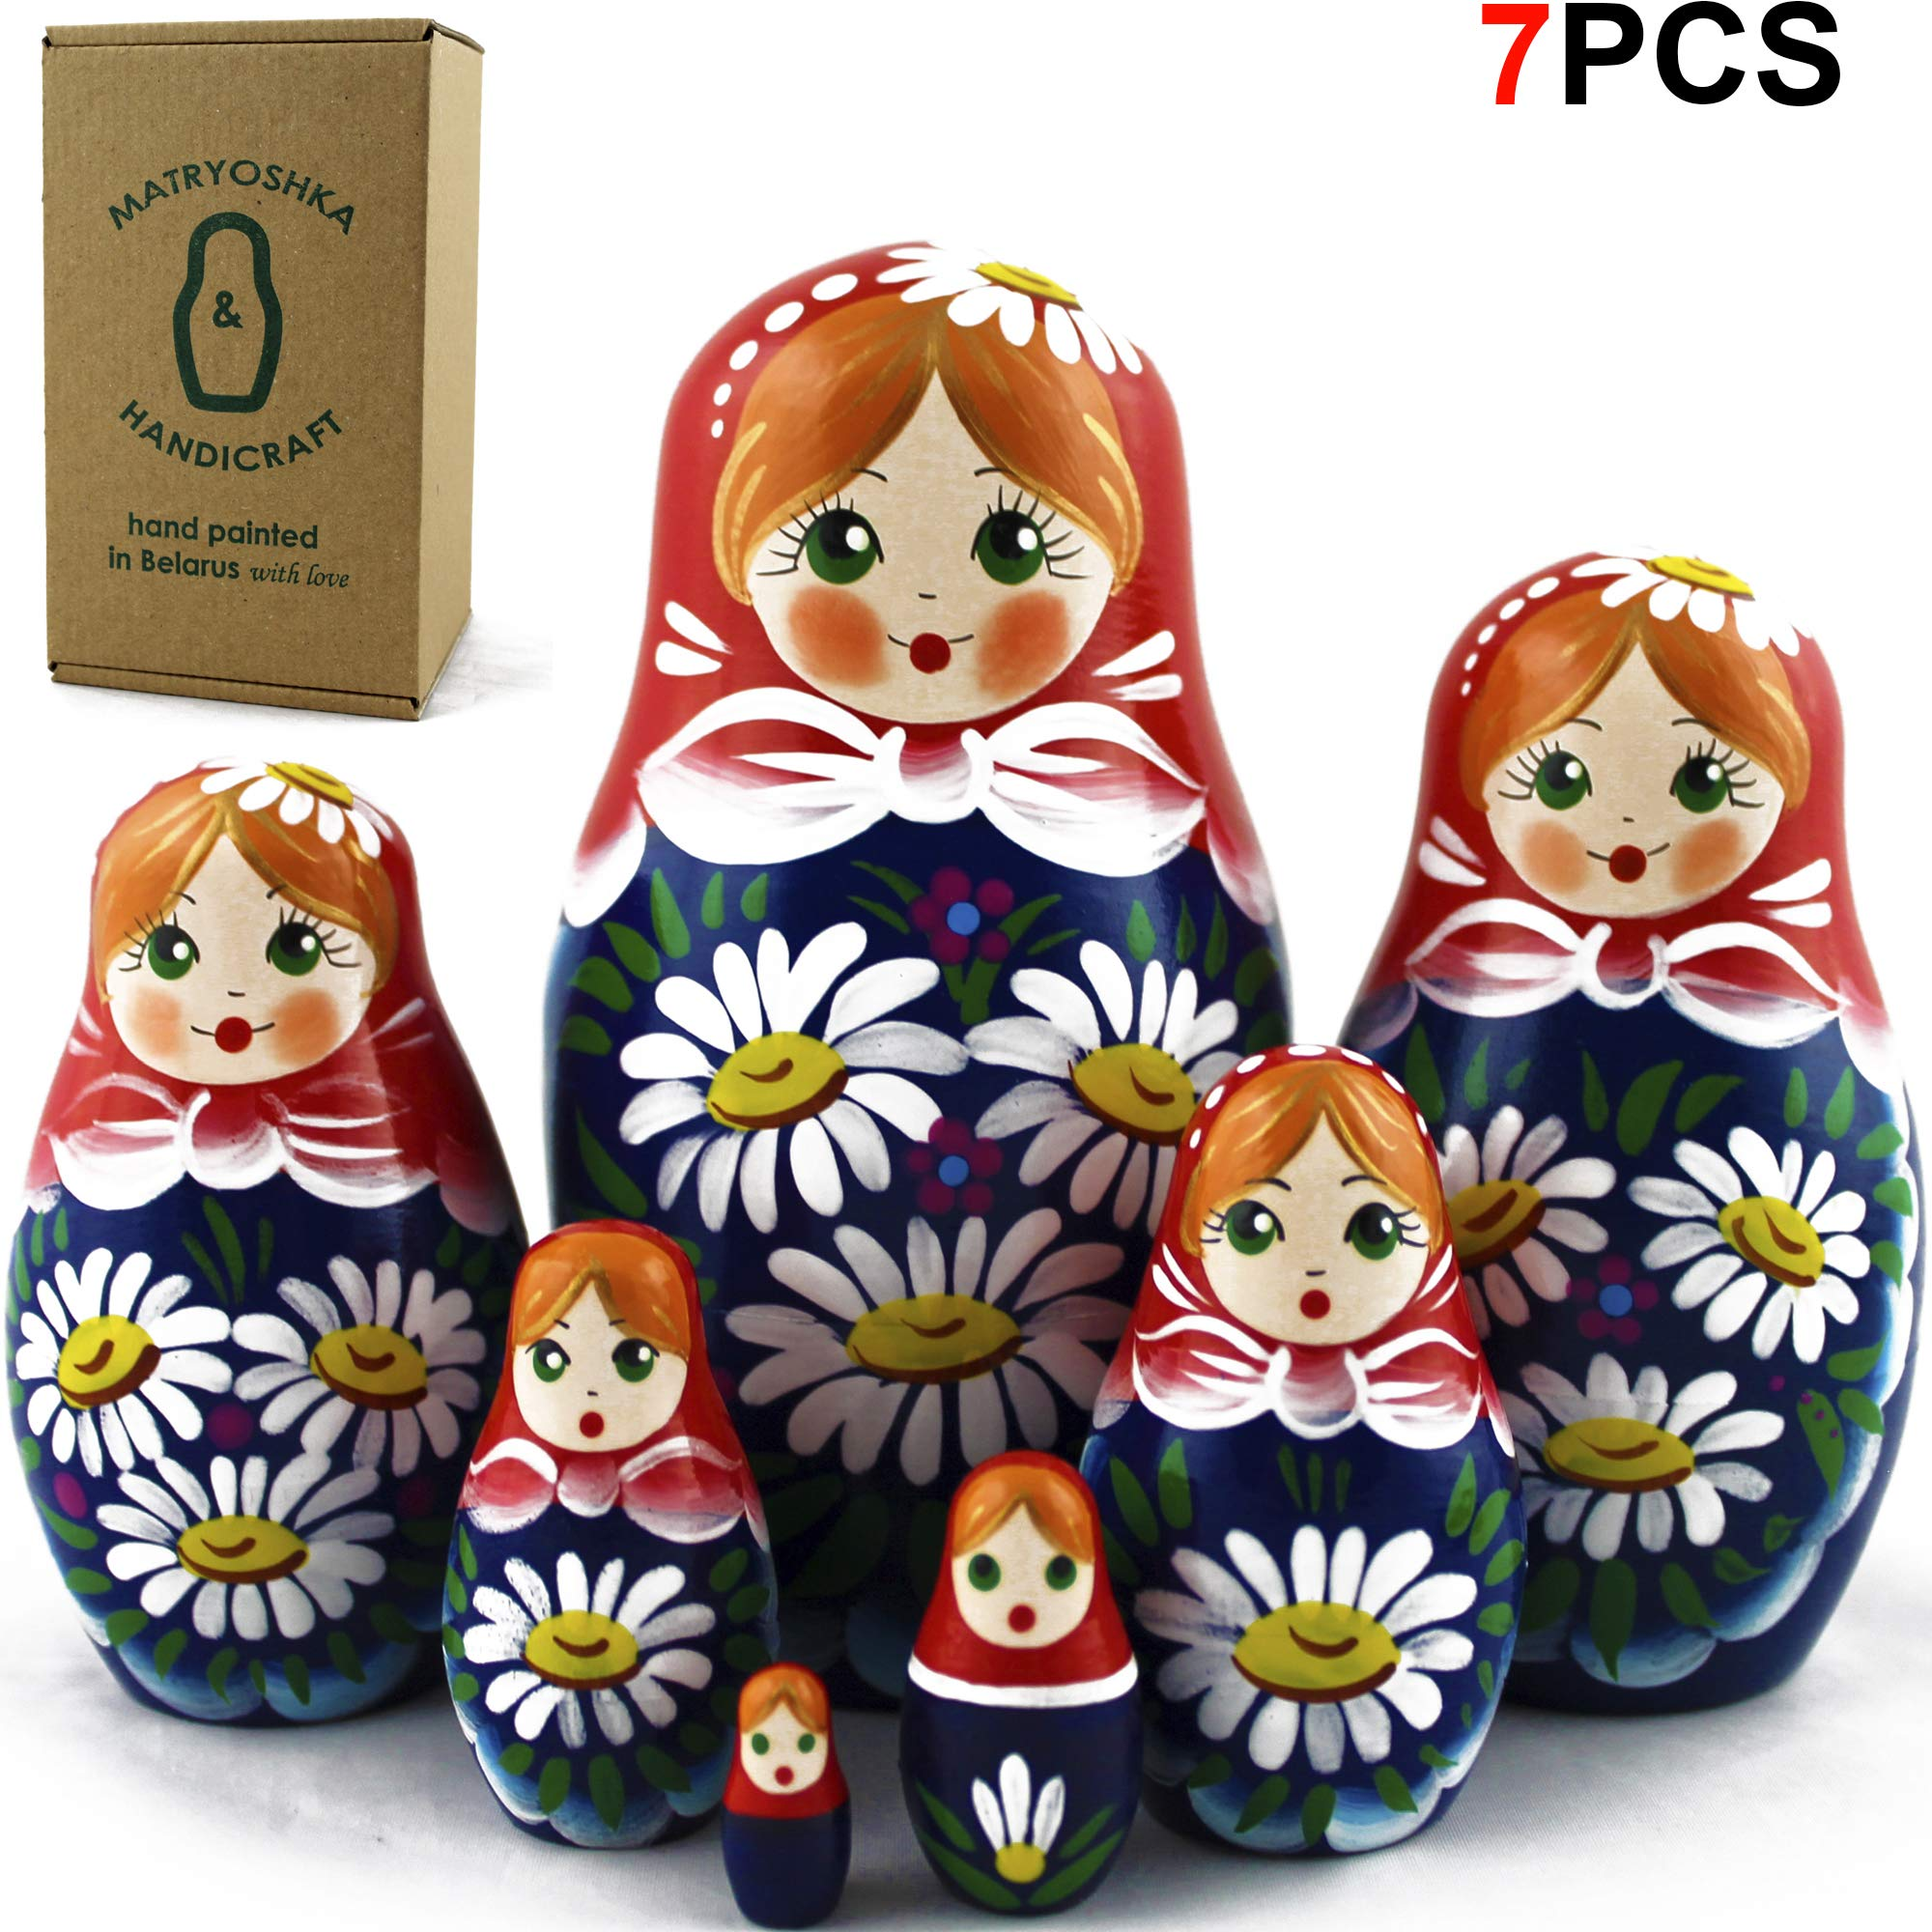 Nesting Dolls - Matryoshka Matrioskas Babushka Matruska Russian 7 Nesting Dolls for Kids - Matryoshka Russian Nesting Doll by MATRYOSHKA&HANDICRAFT (Image #1)